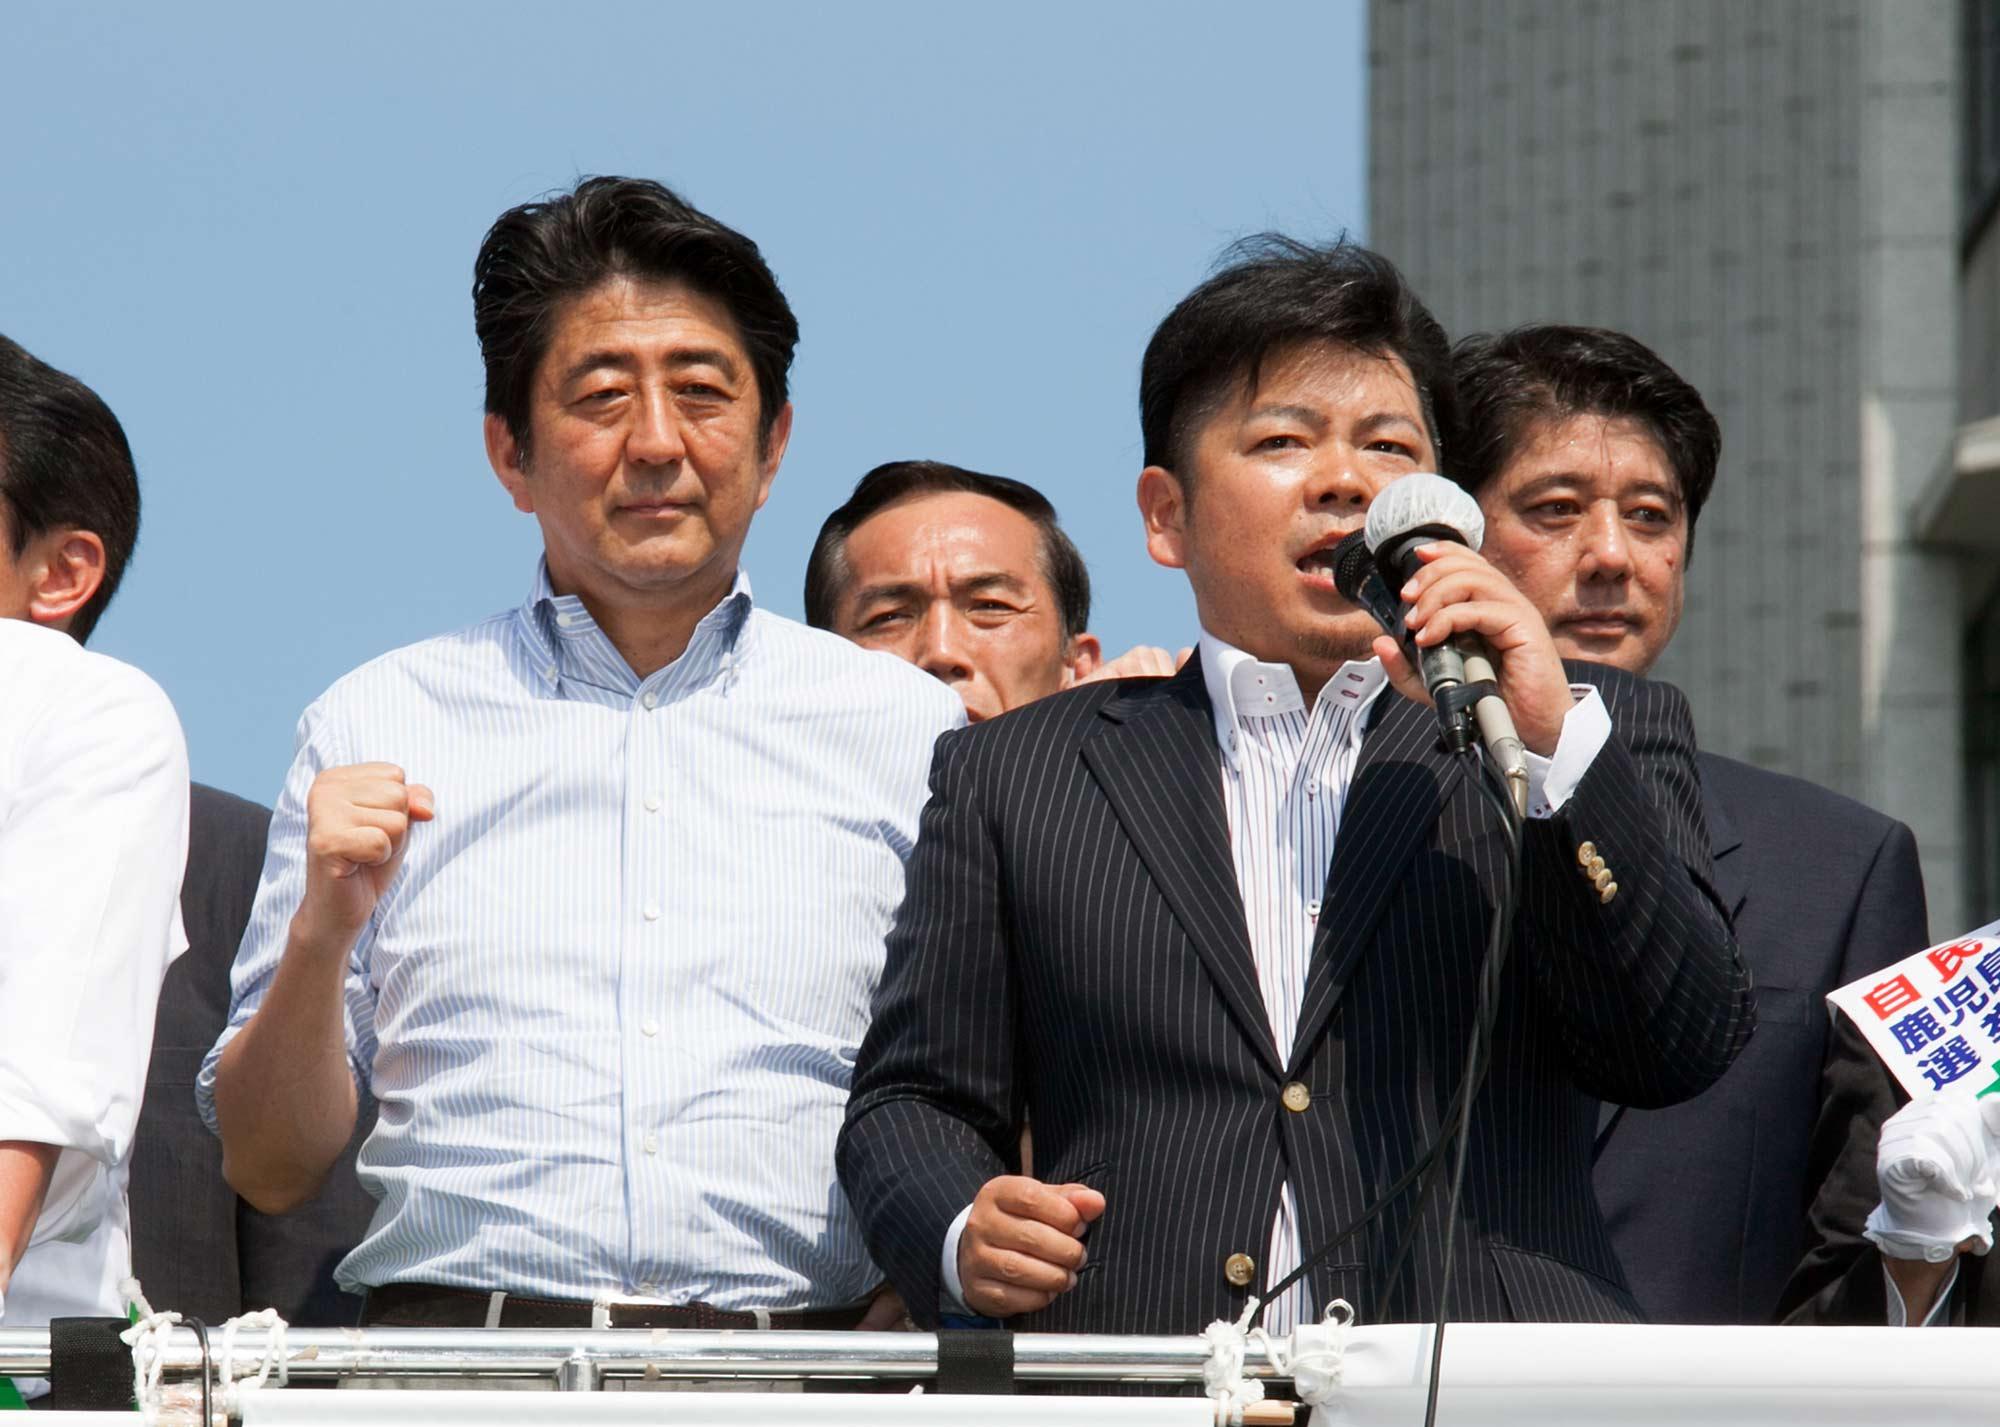 安倍総理と街頭演説